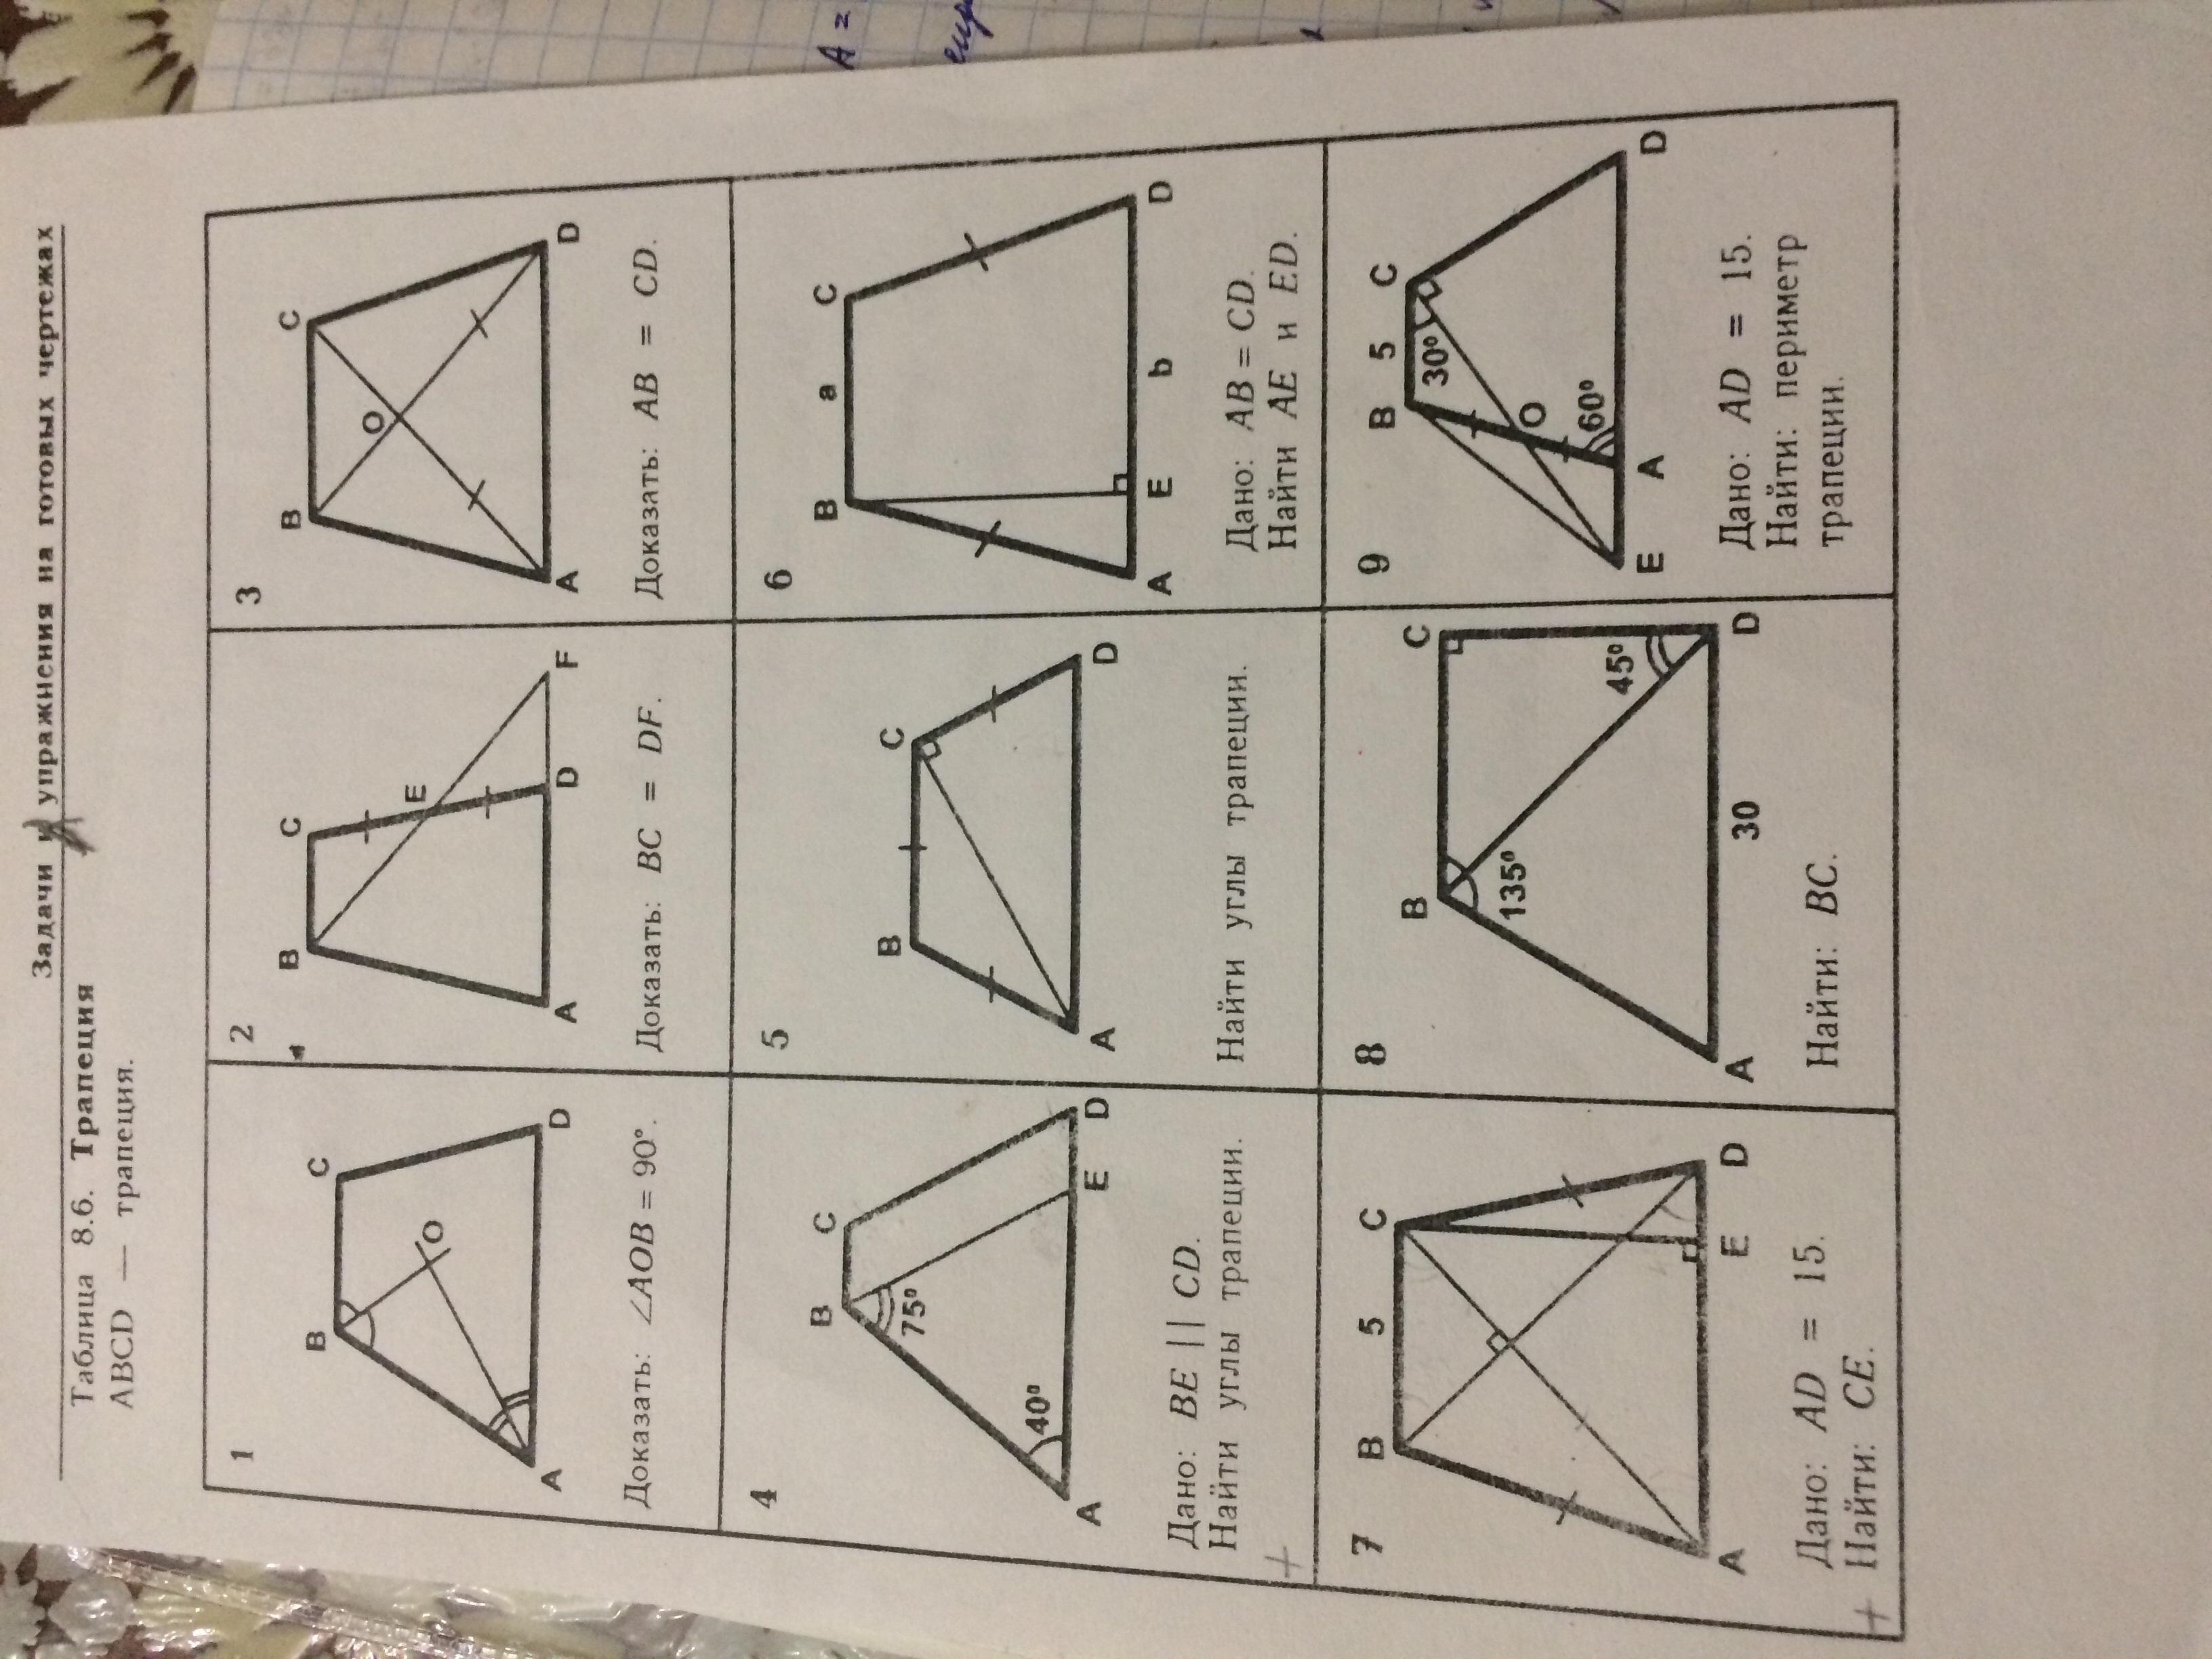 Задачи по геометрии 8 класс трапеция с решением 2 класс решение задач по экономике